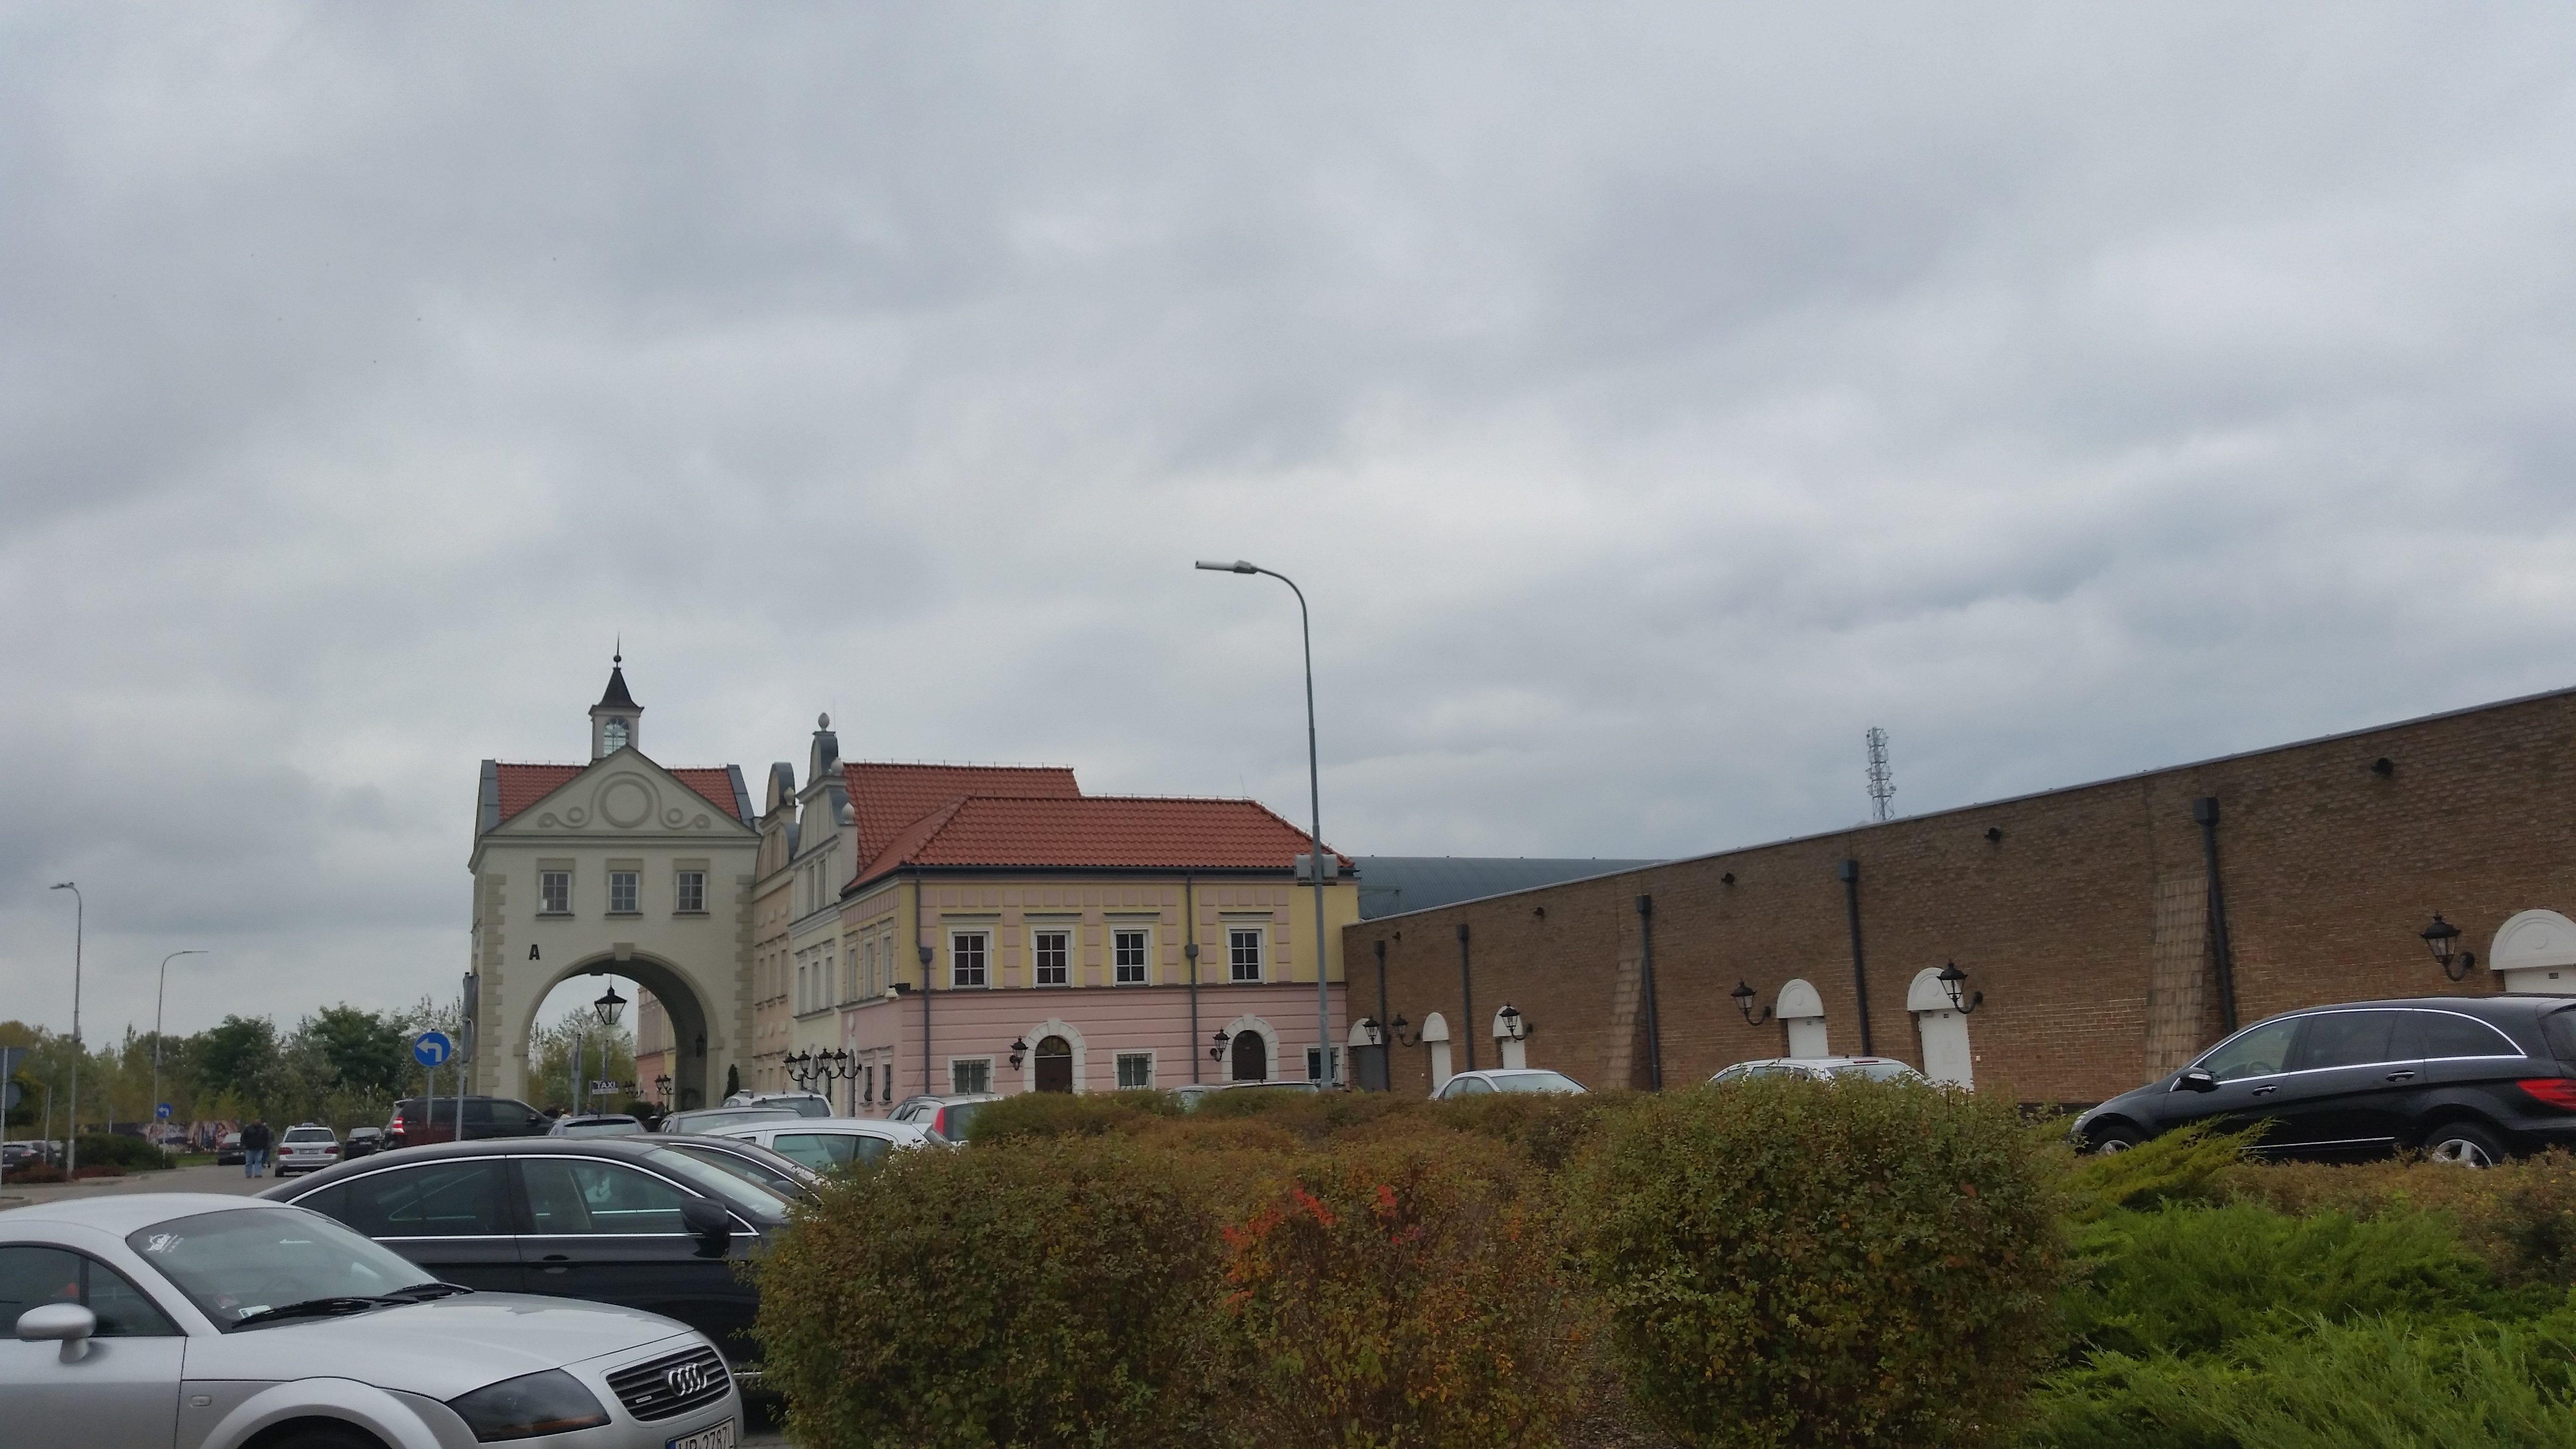 DESIONER OUTLET WARSZAWA ul. Pulawska 42 E отличный торговый комплекс